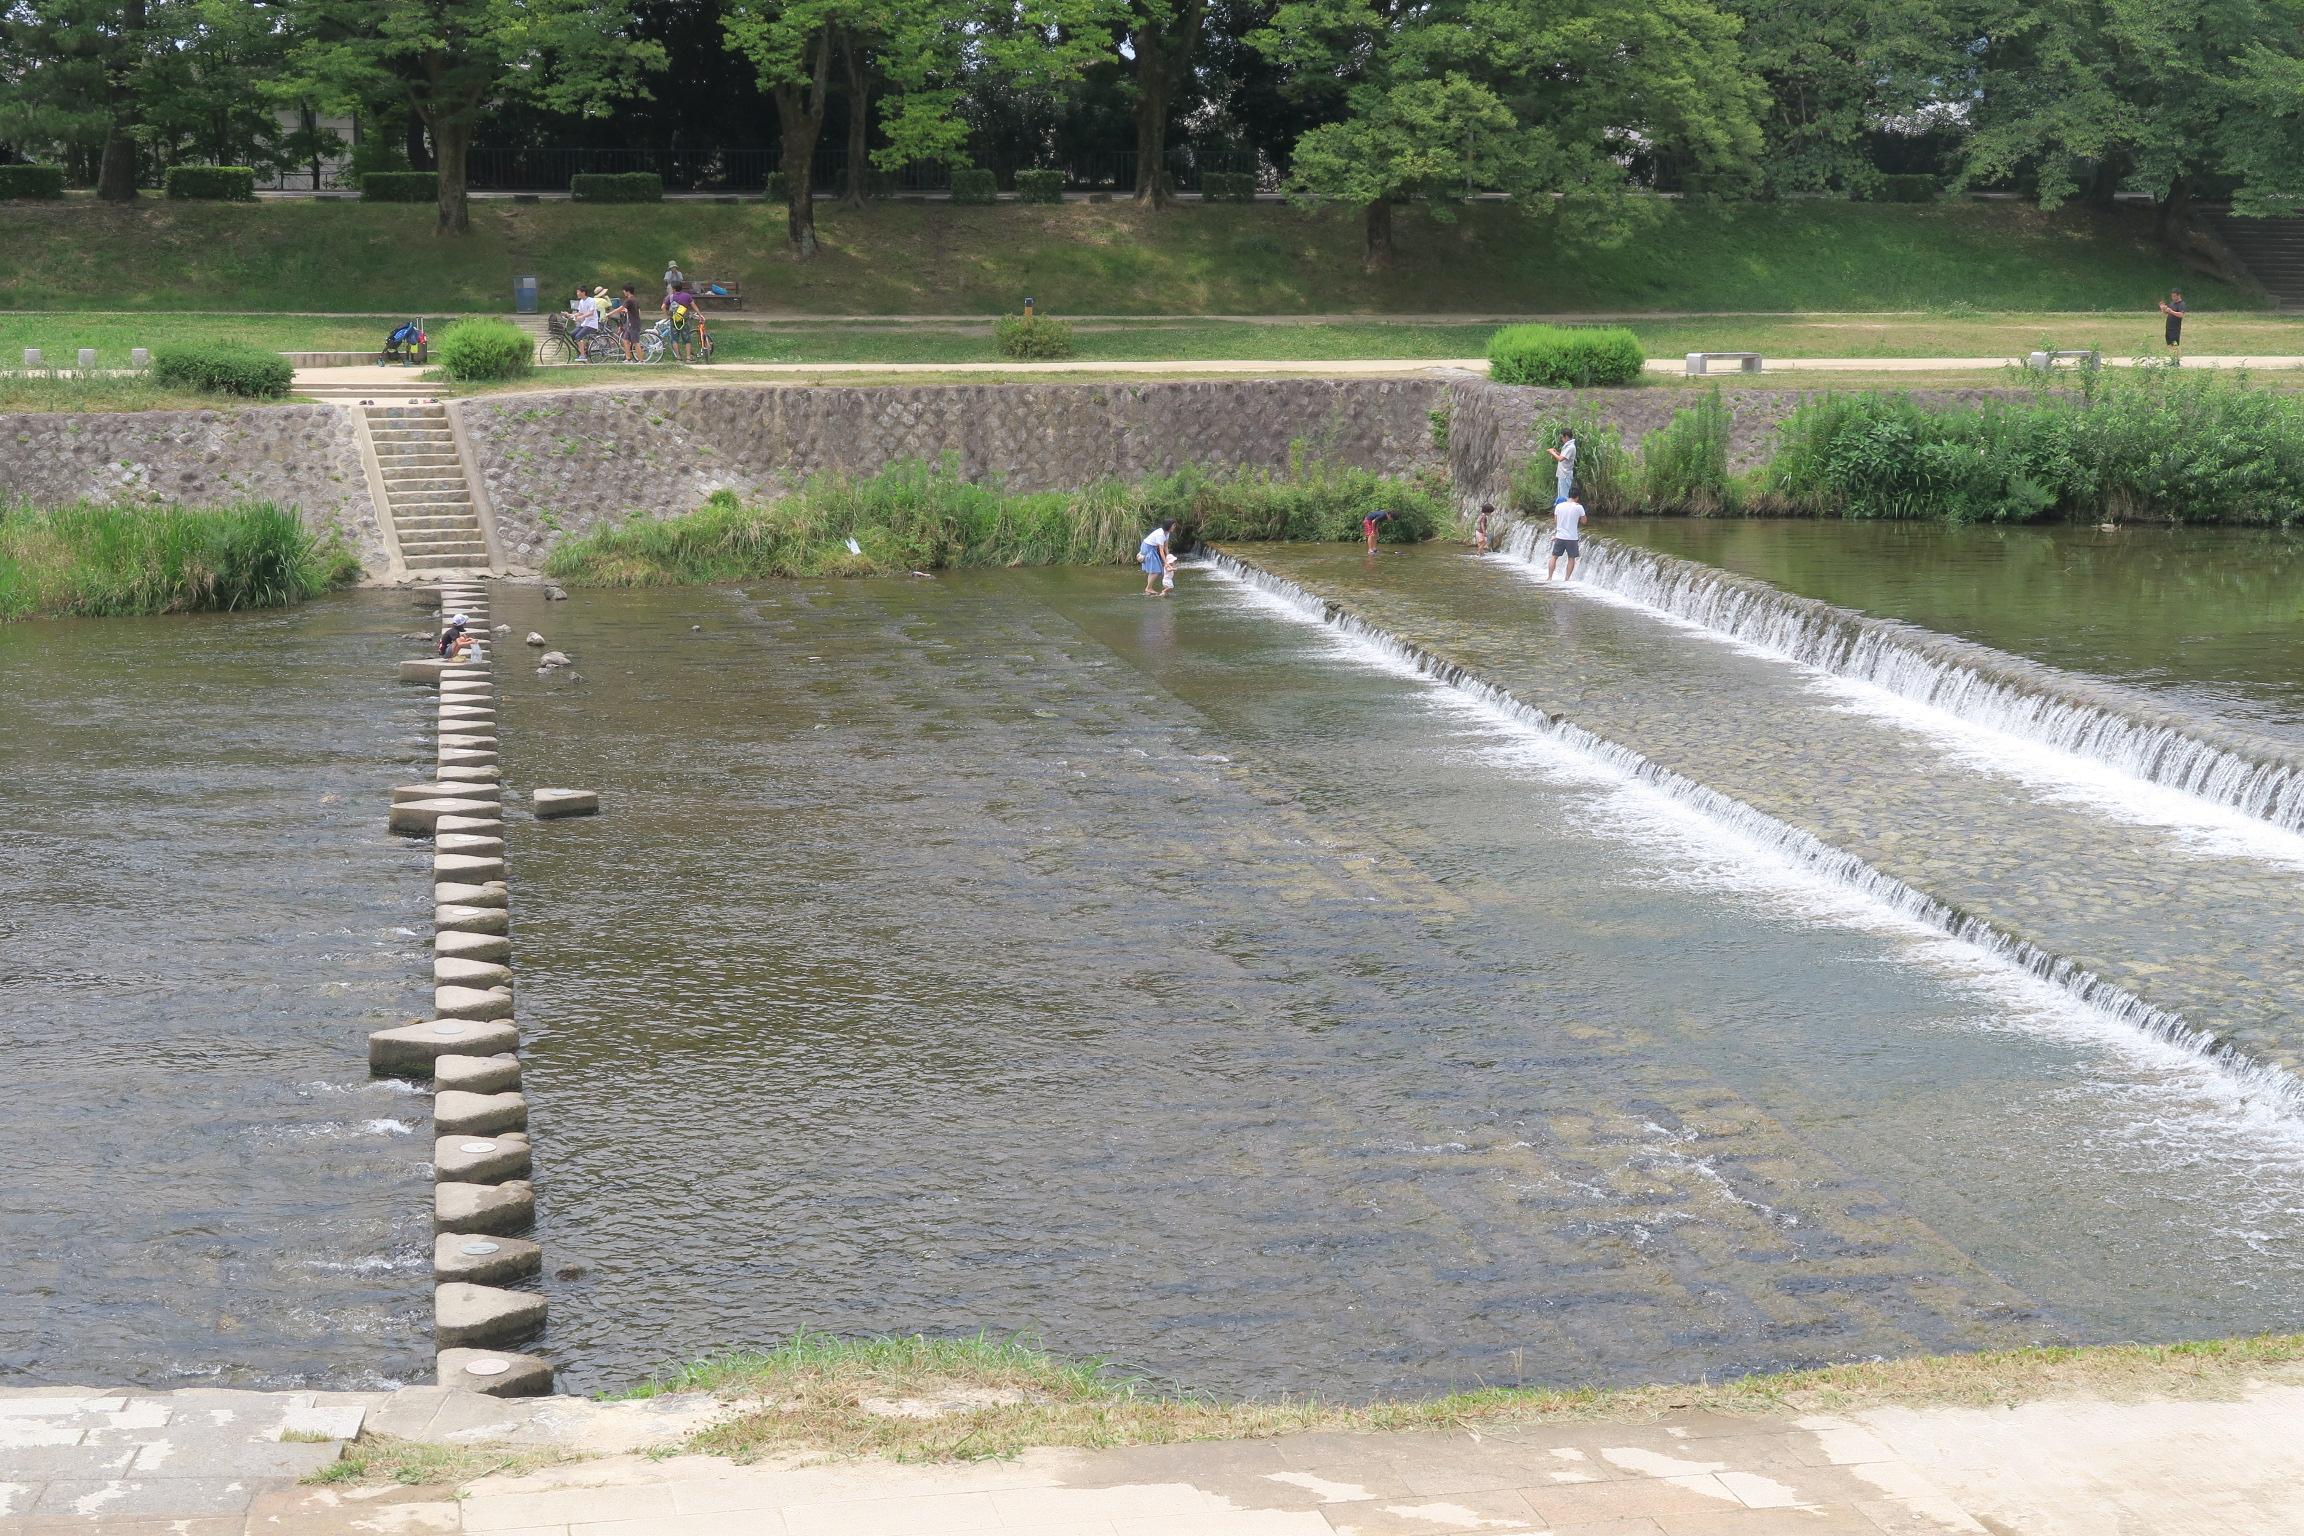 川を横切る丸いコンクリは、対岸に買い物に行くためかなぁ・・・それとも川遊びのため?